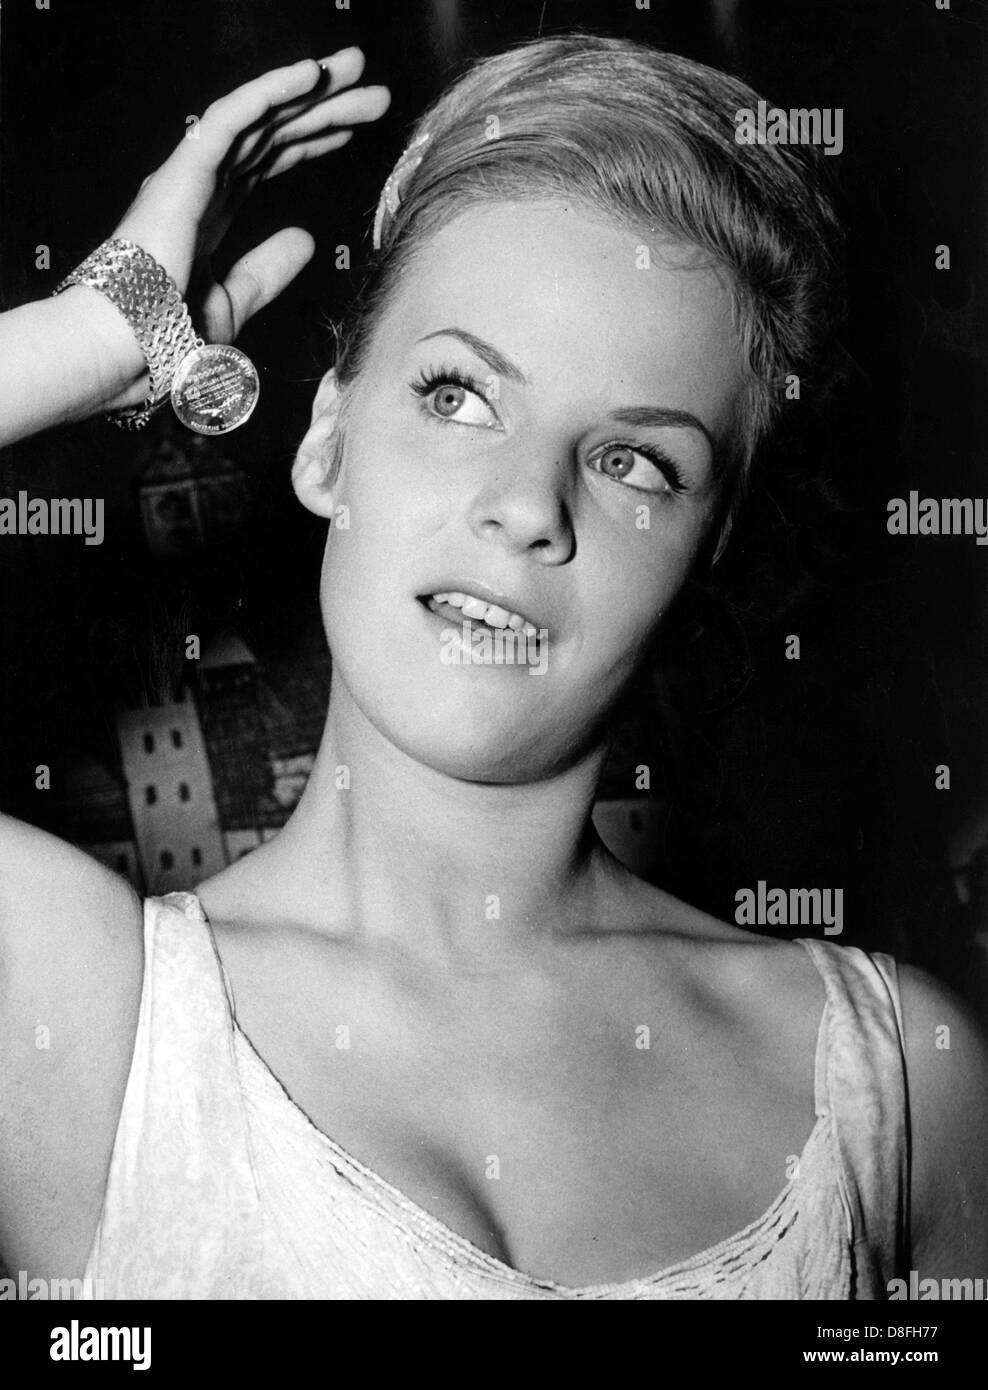 Sängerin Und Schauspielerin Heidi Brühl Erhält Die Goldene